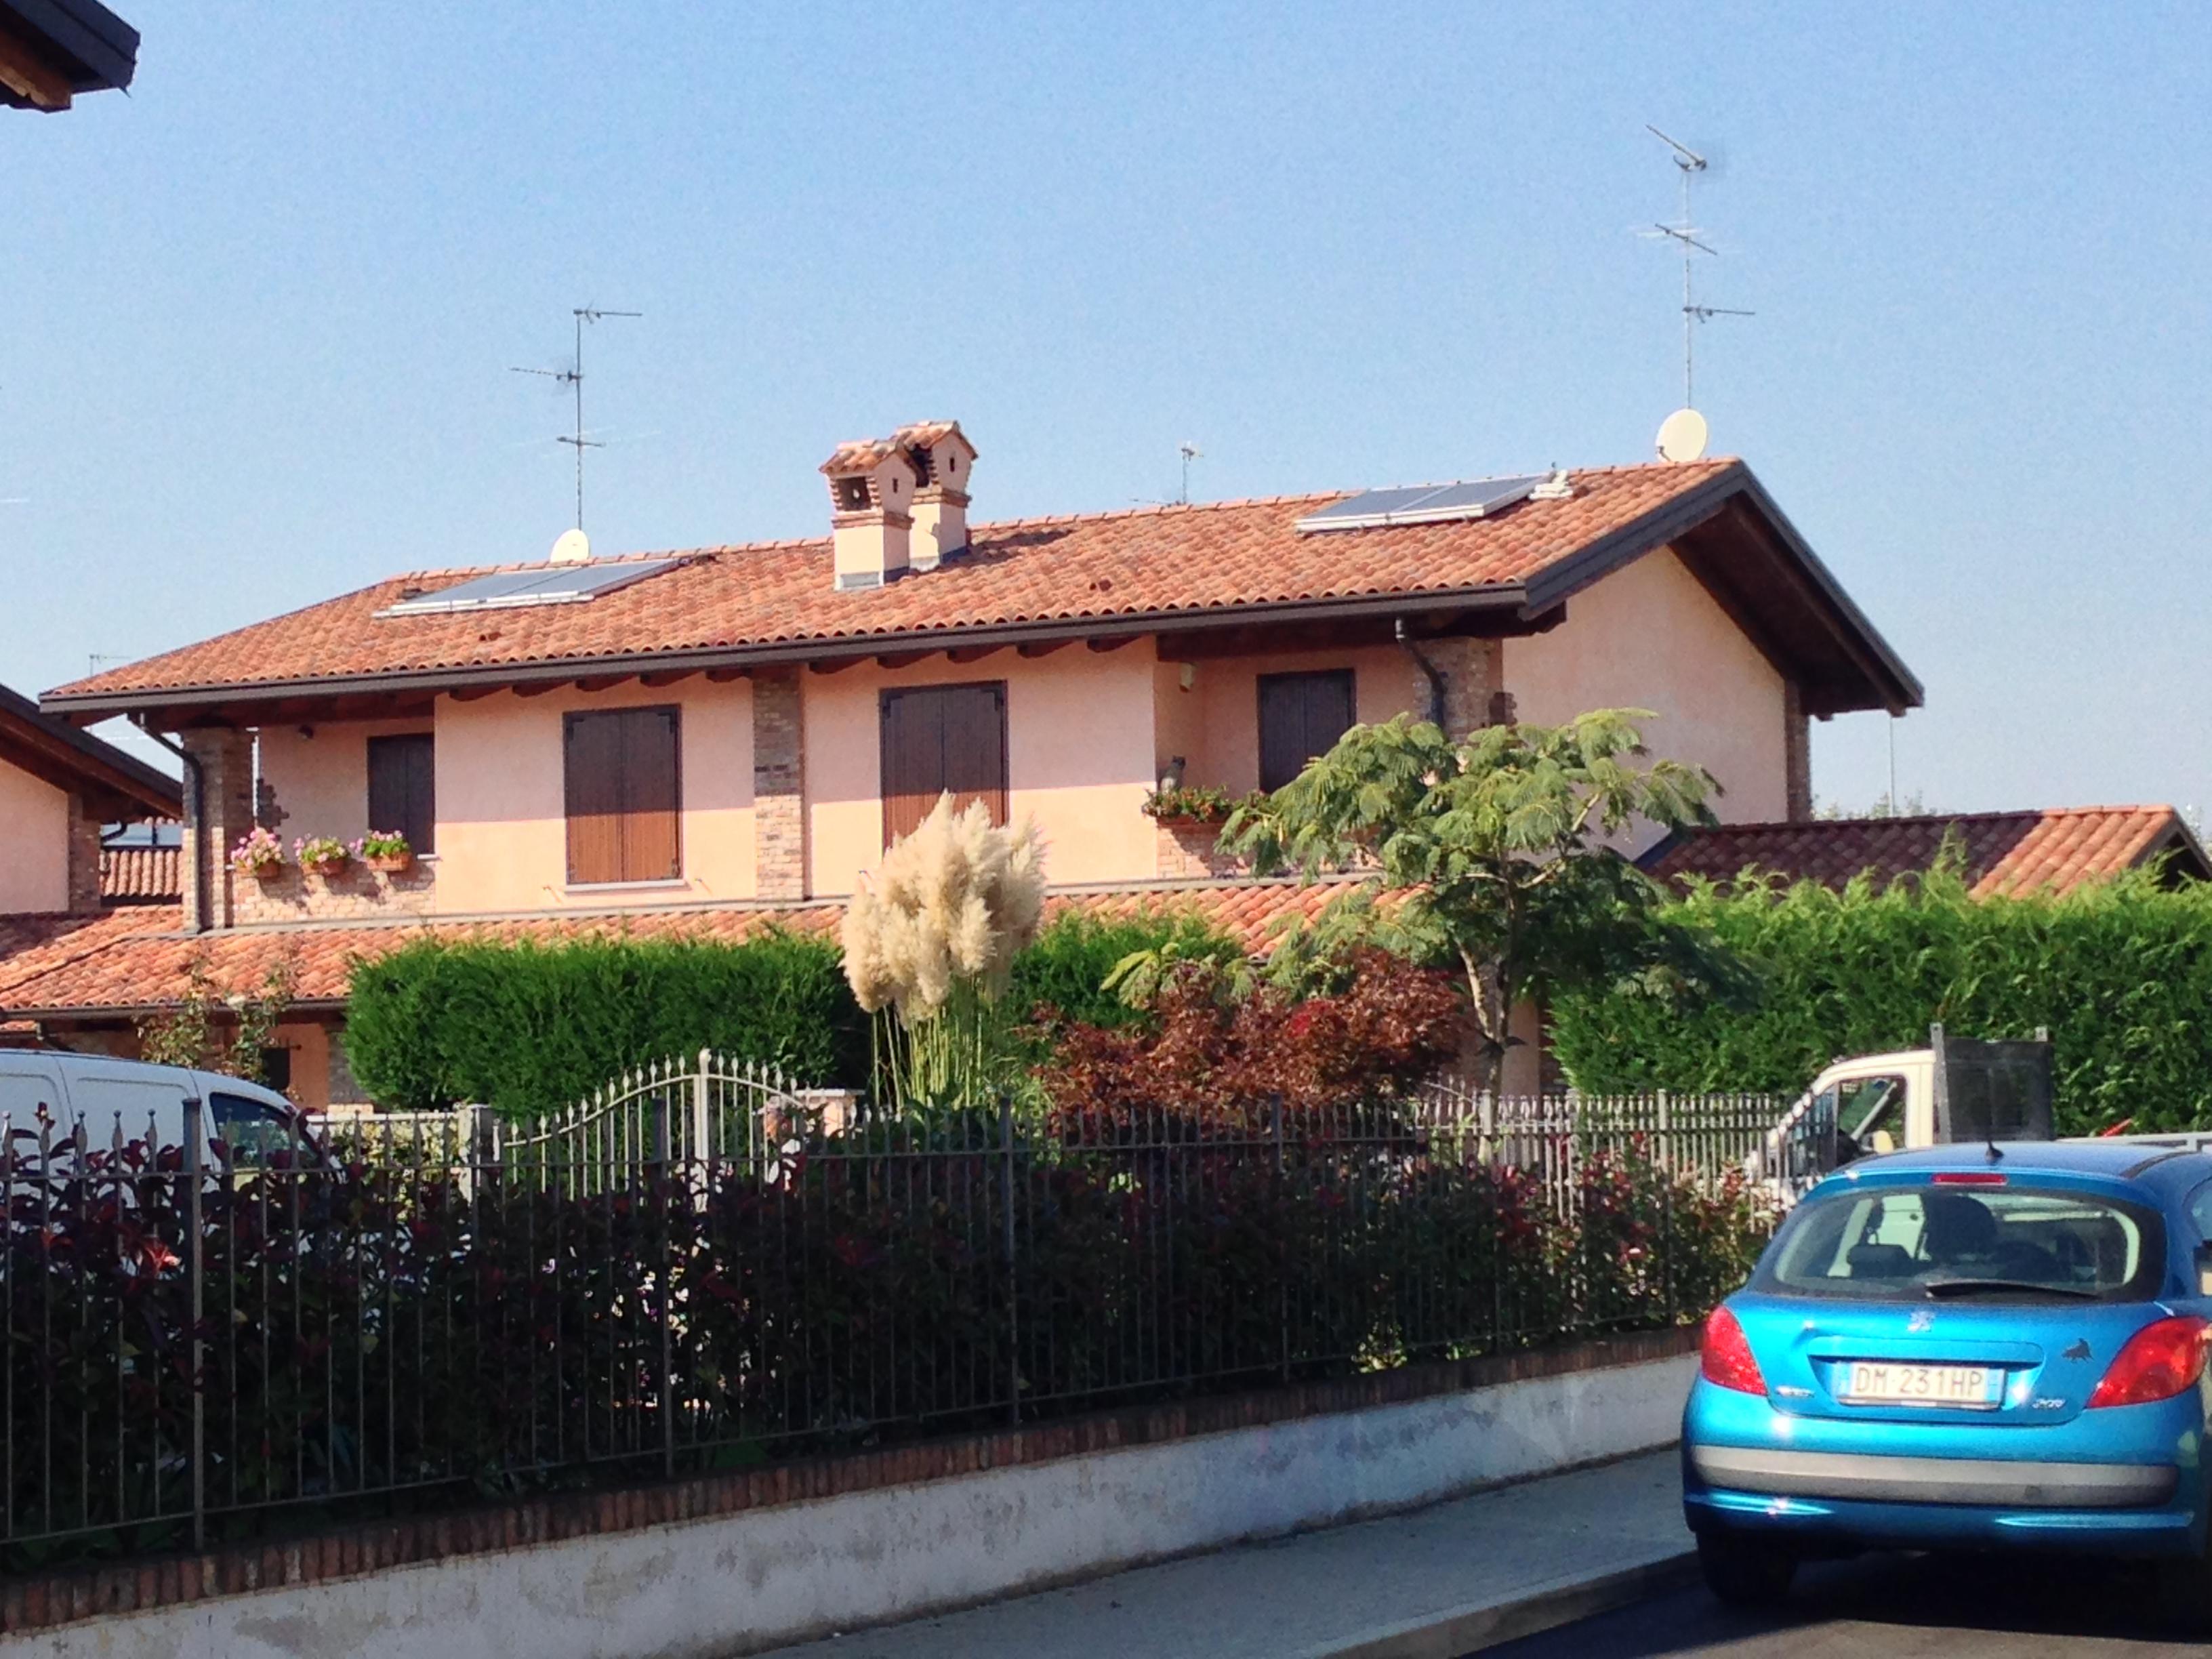 第五立面进口陶瓦瓦别墅 西西里